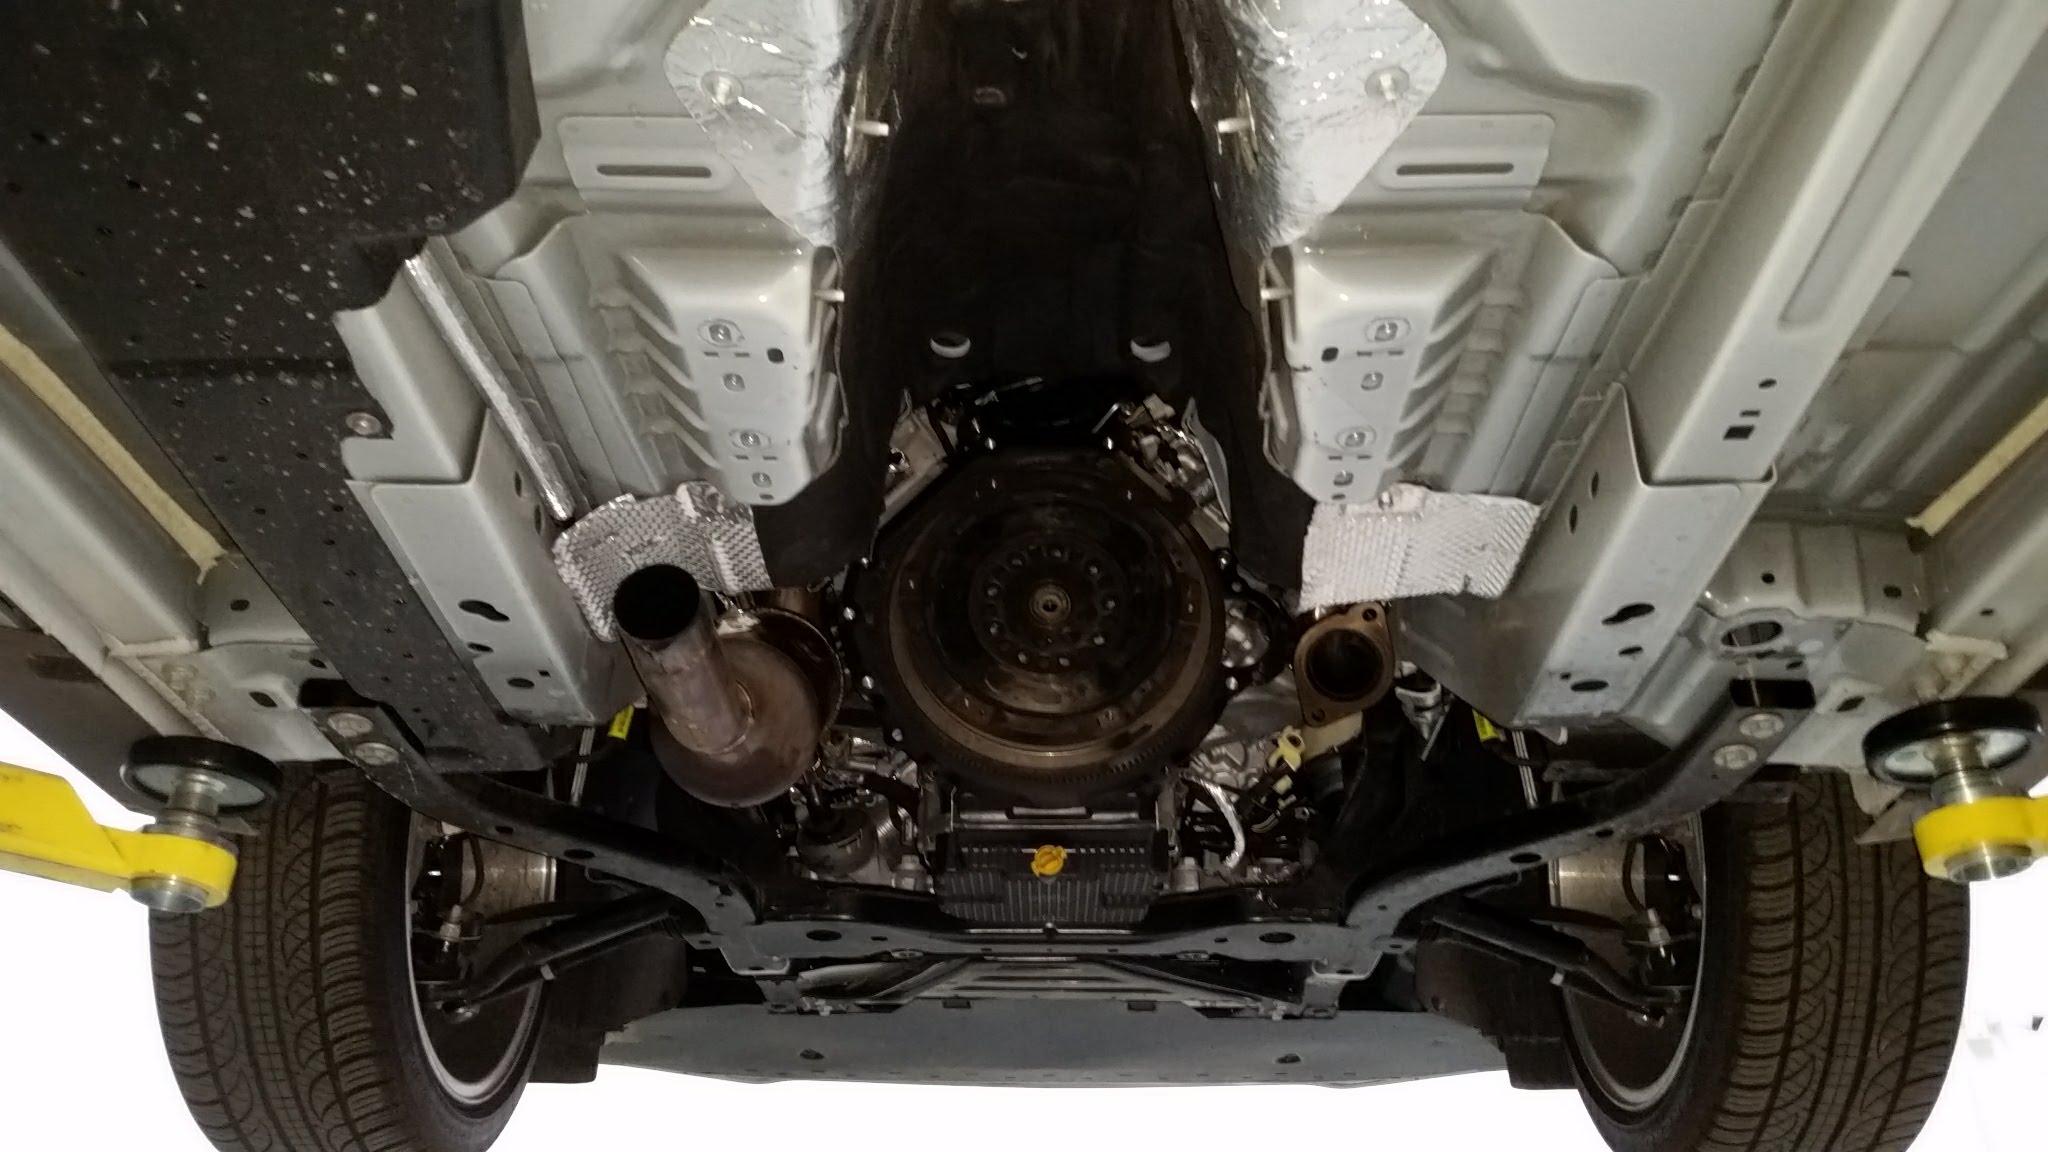 Euroalemanas Taller Mecanico Especia